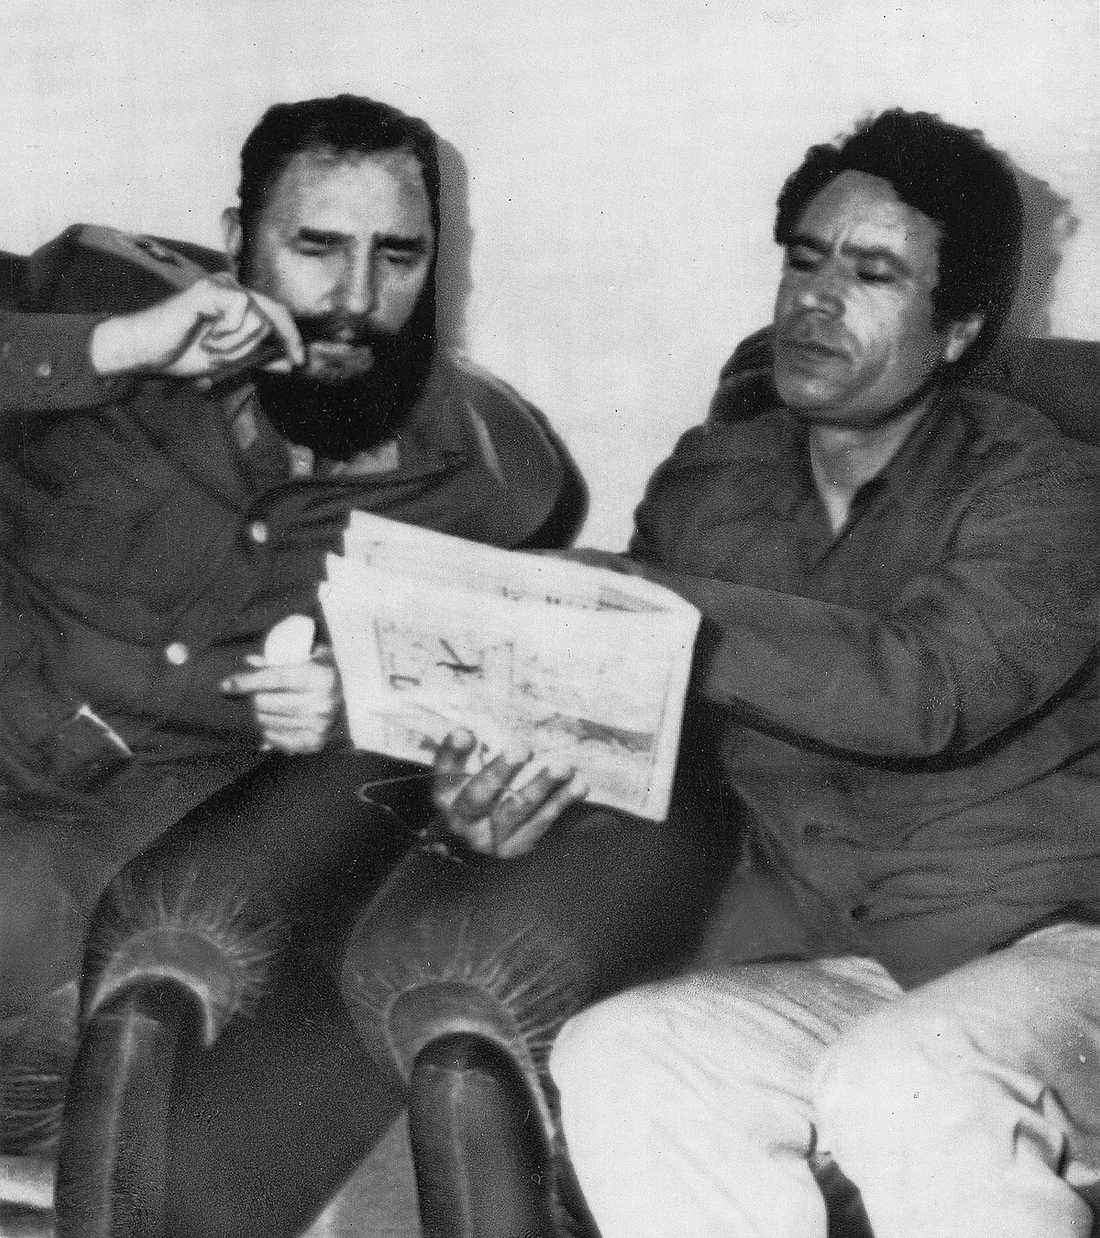 Kubas ledare Fidel Castro och Gaddafi studerar nyheterna i tidningen tillsammans.